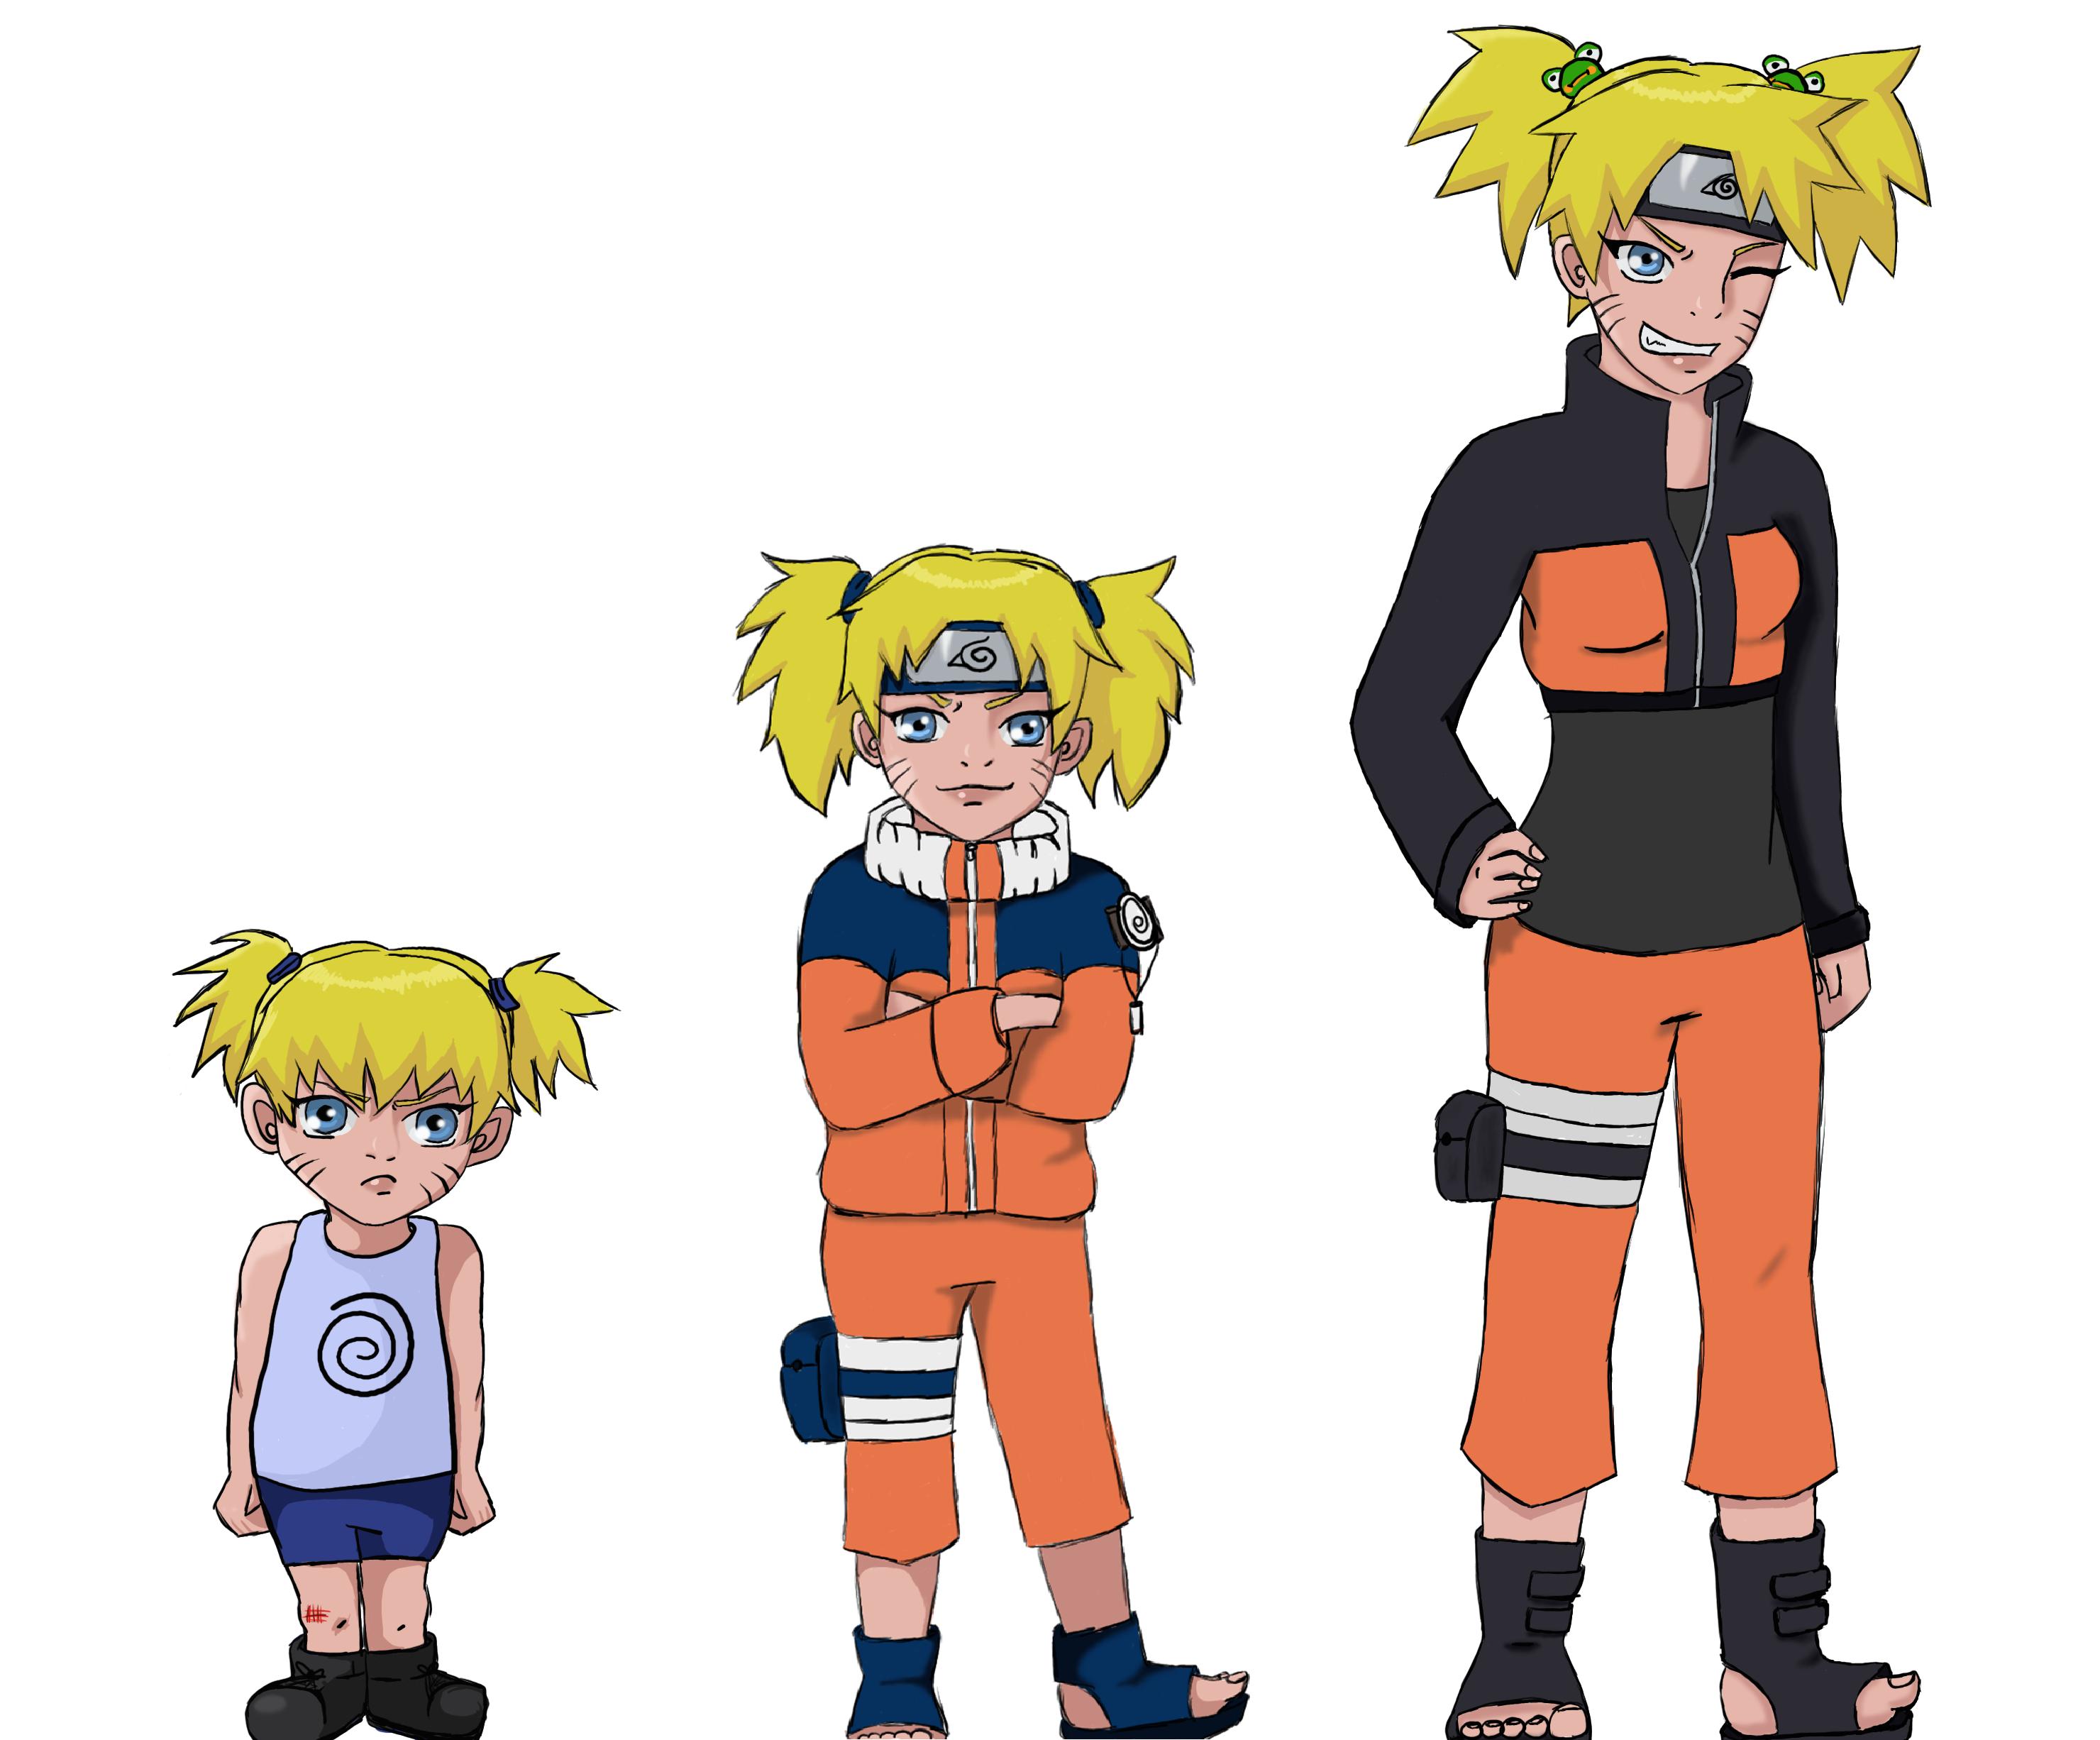 Genderbent Naruto by supergerbilbaby on DeviantArt